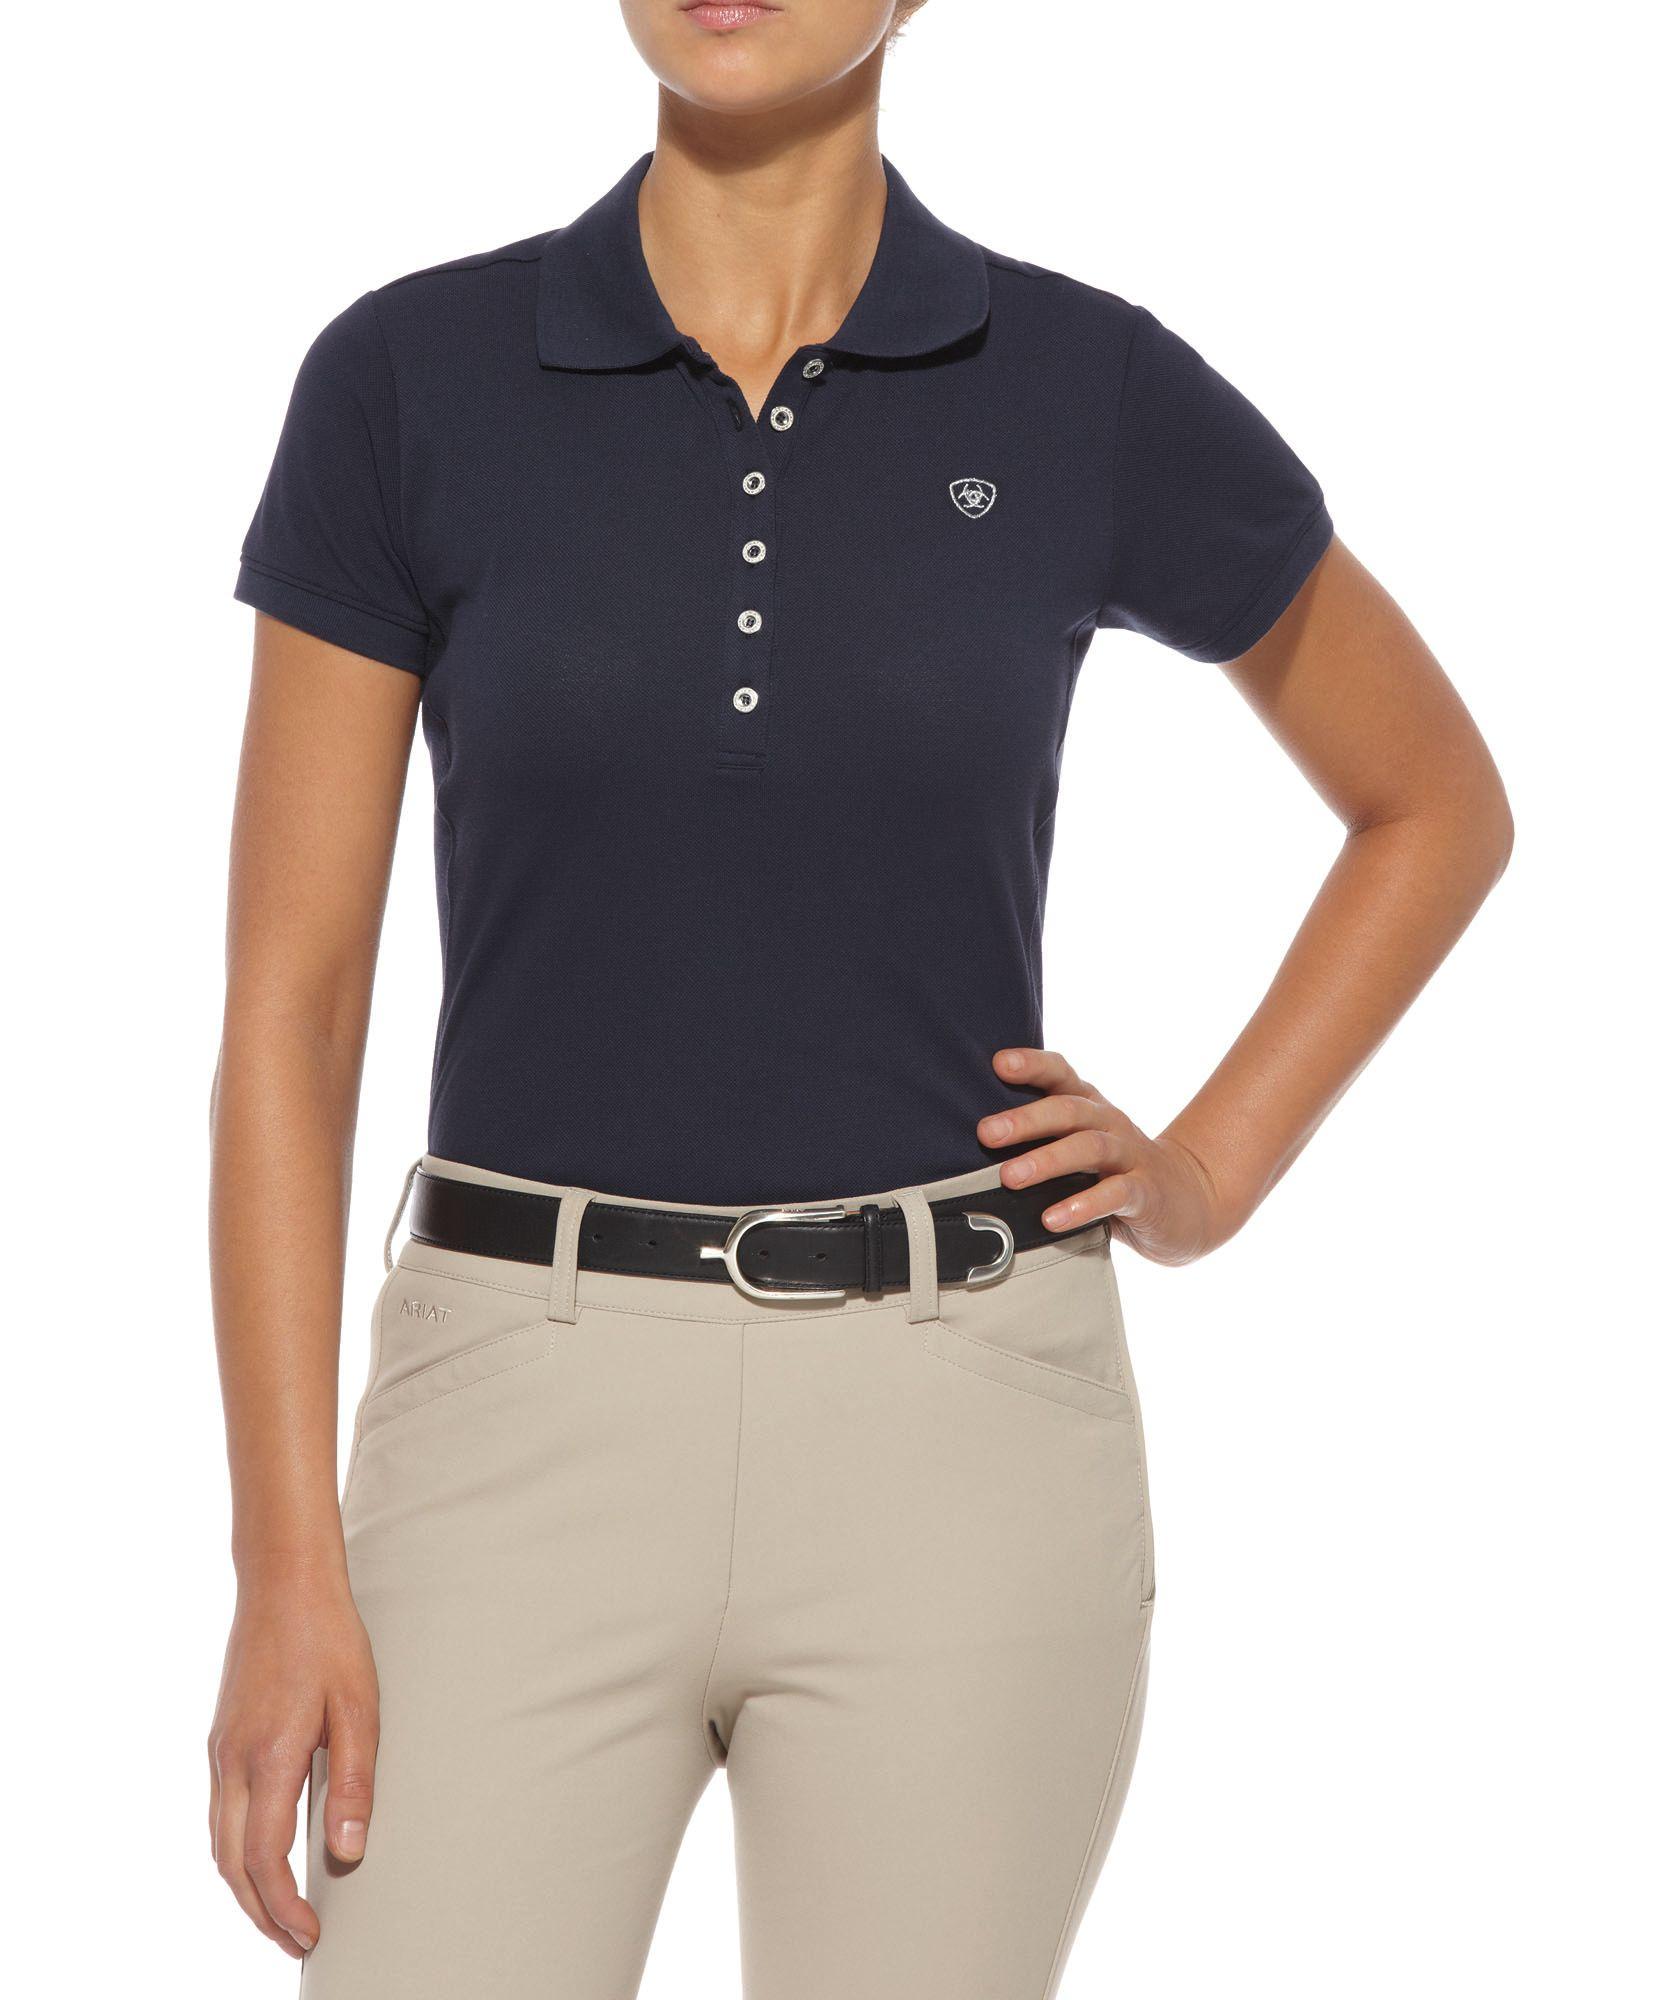 Ariat Prix Classic Polo - Ladies, Navy